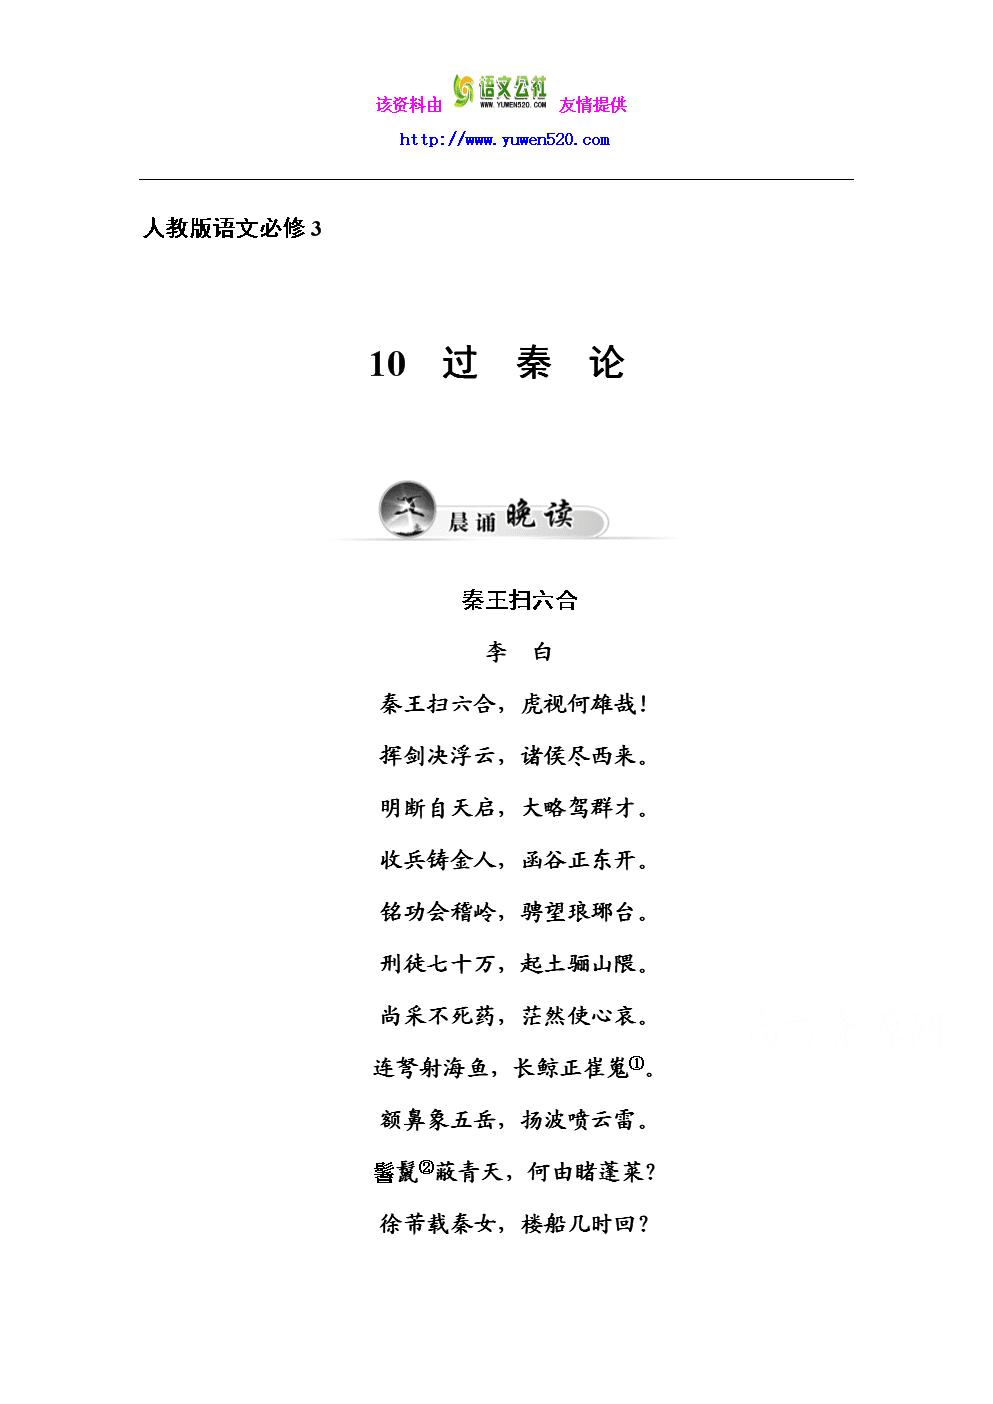 人教版语文必修三:第10课《过秦论》同步练习(含答案).doc